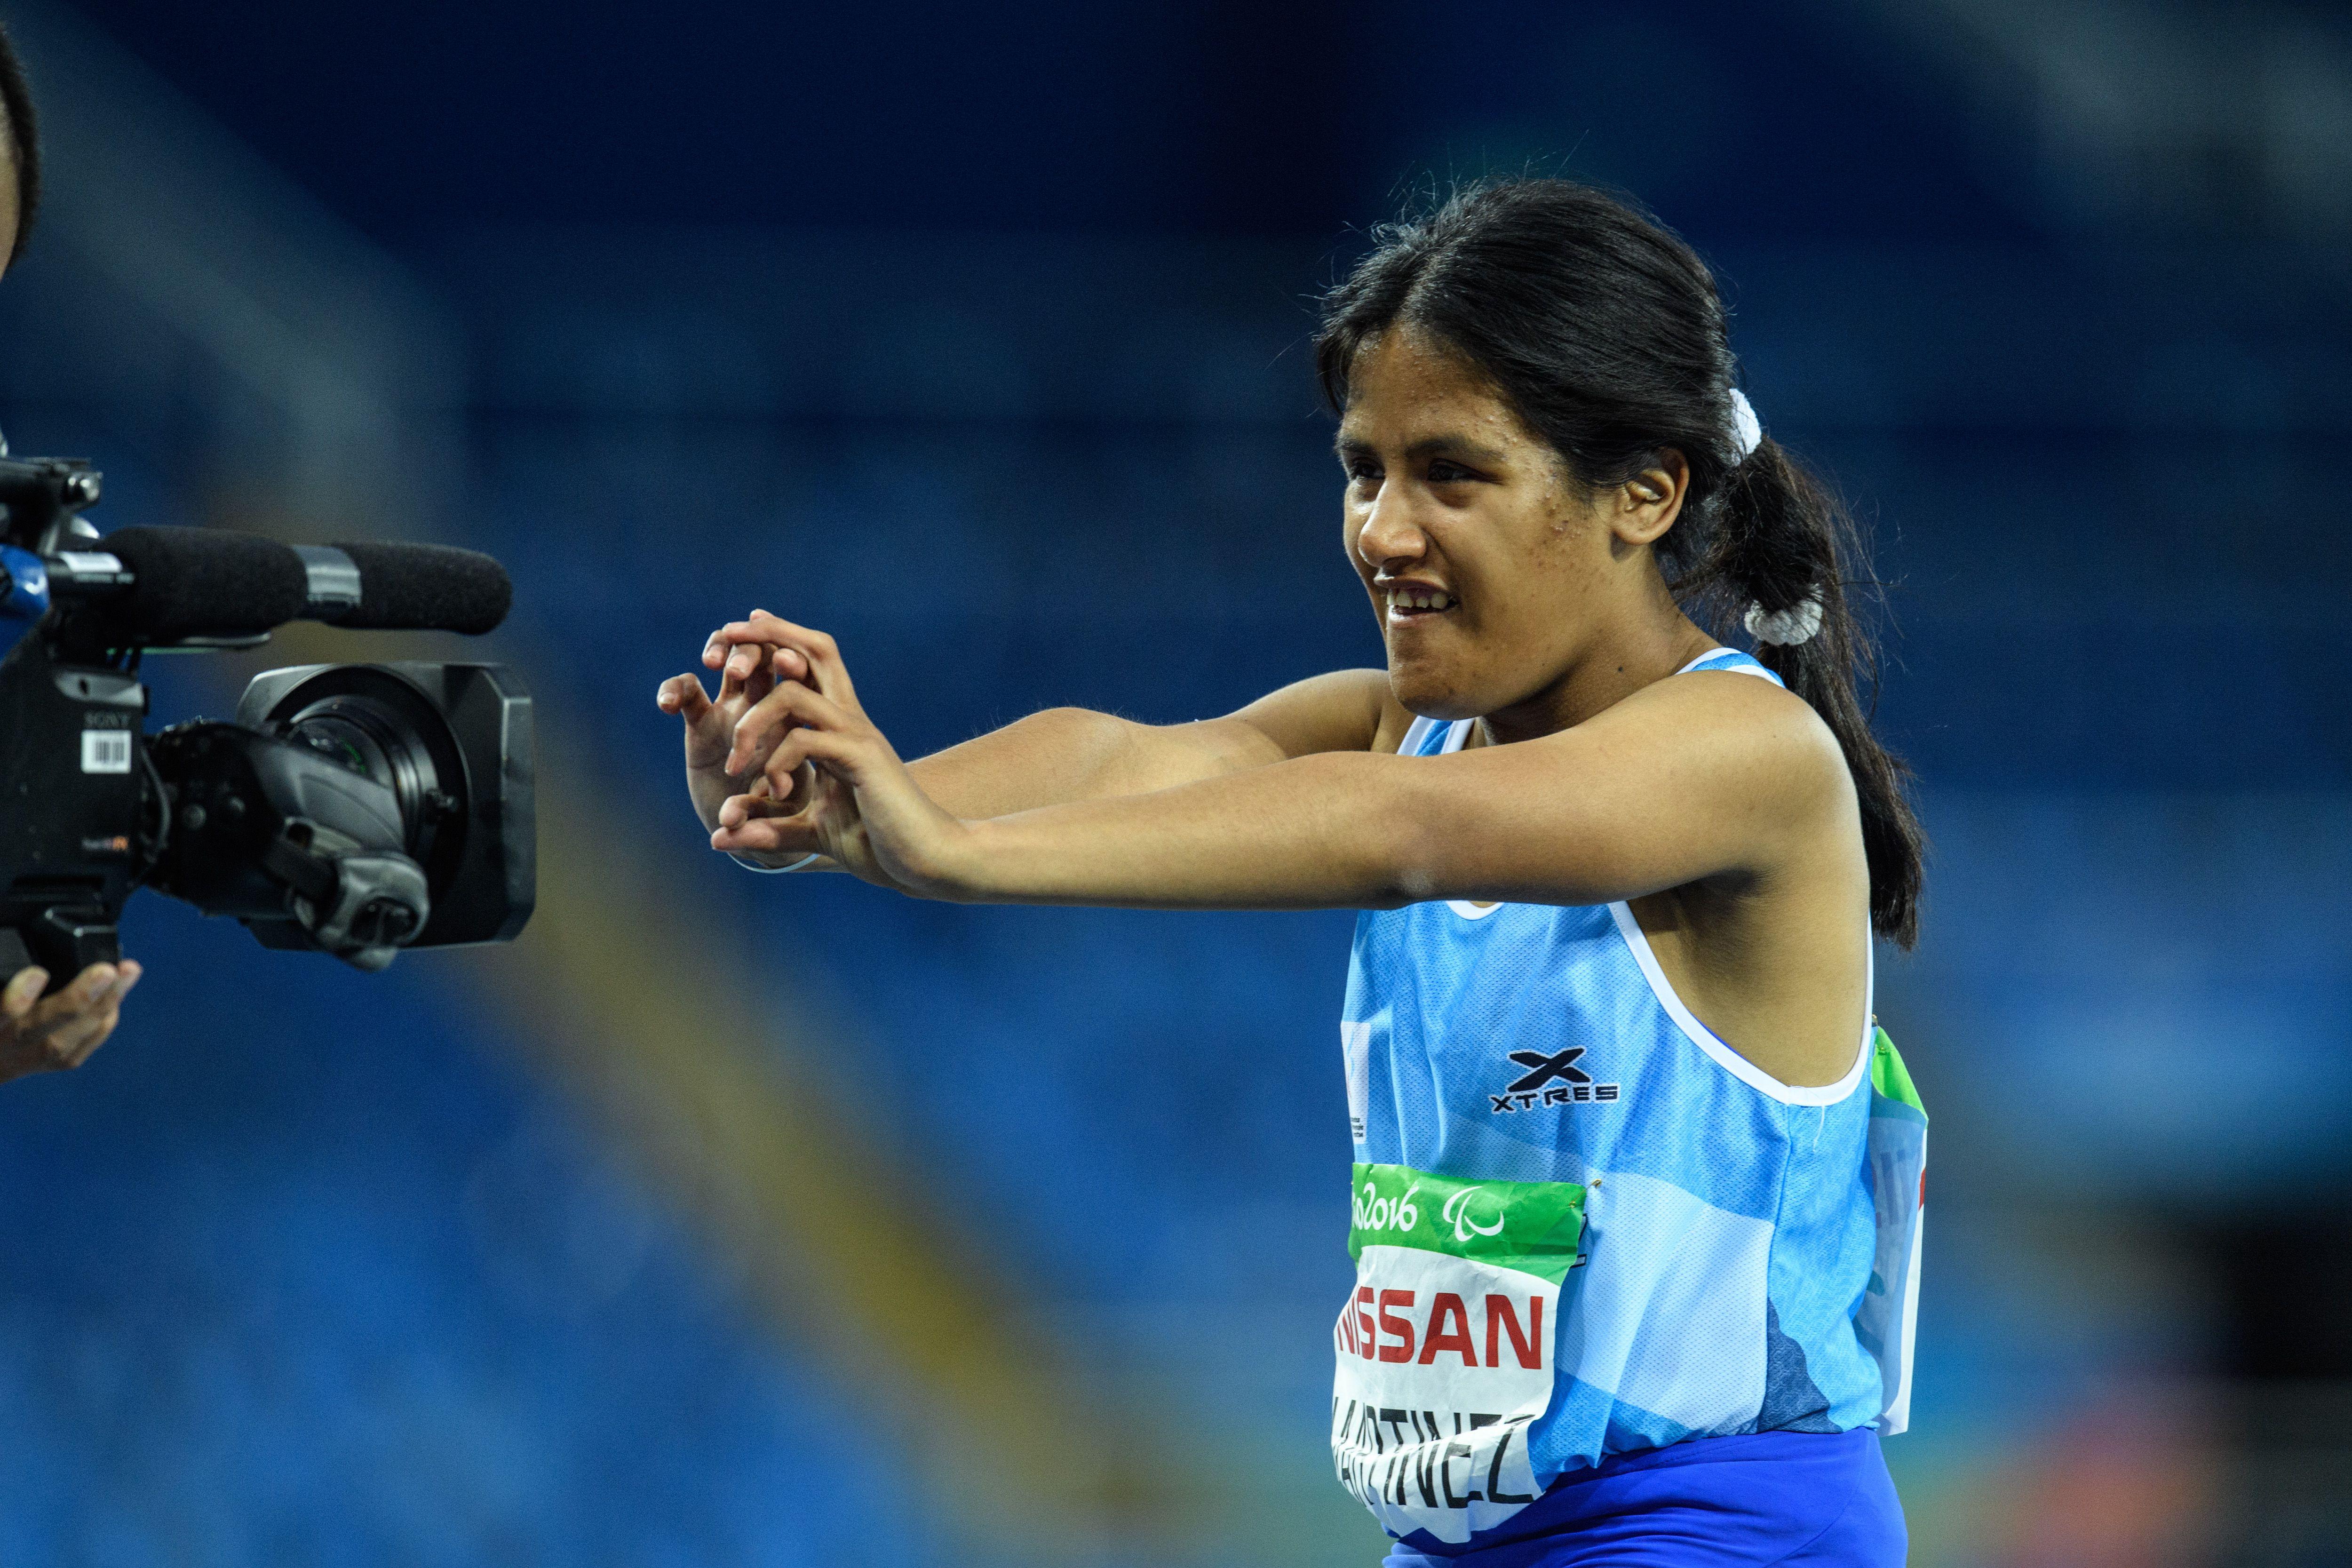 La argentina Yanina Martínez ganó el oro en los 100 metros de atletismo